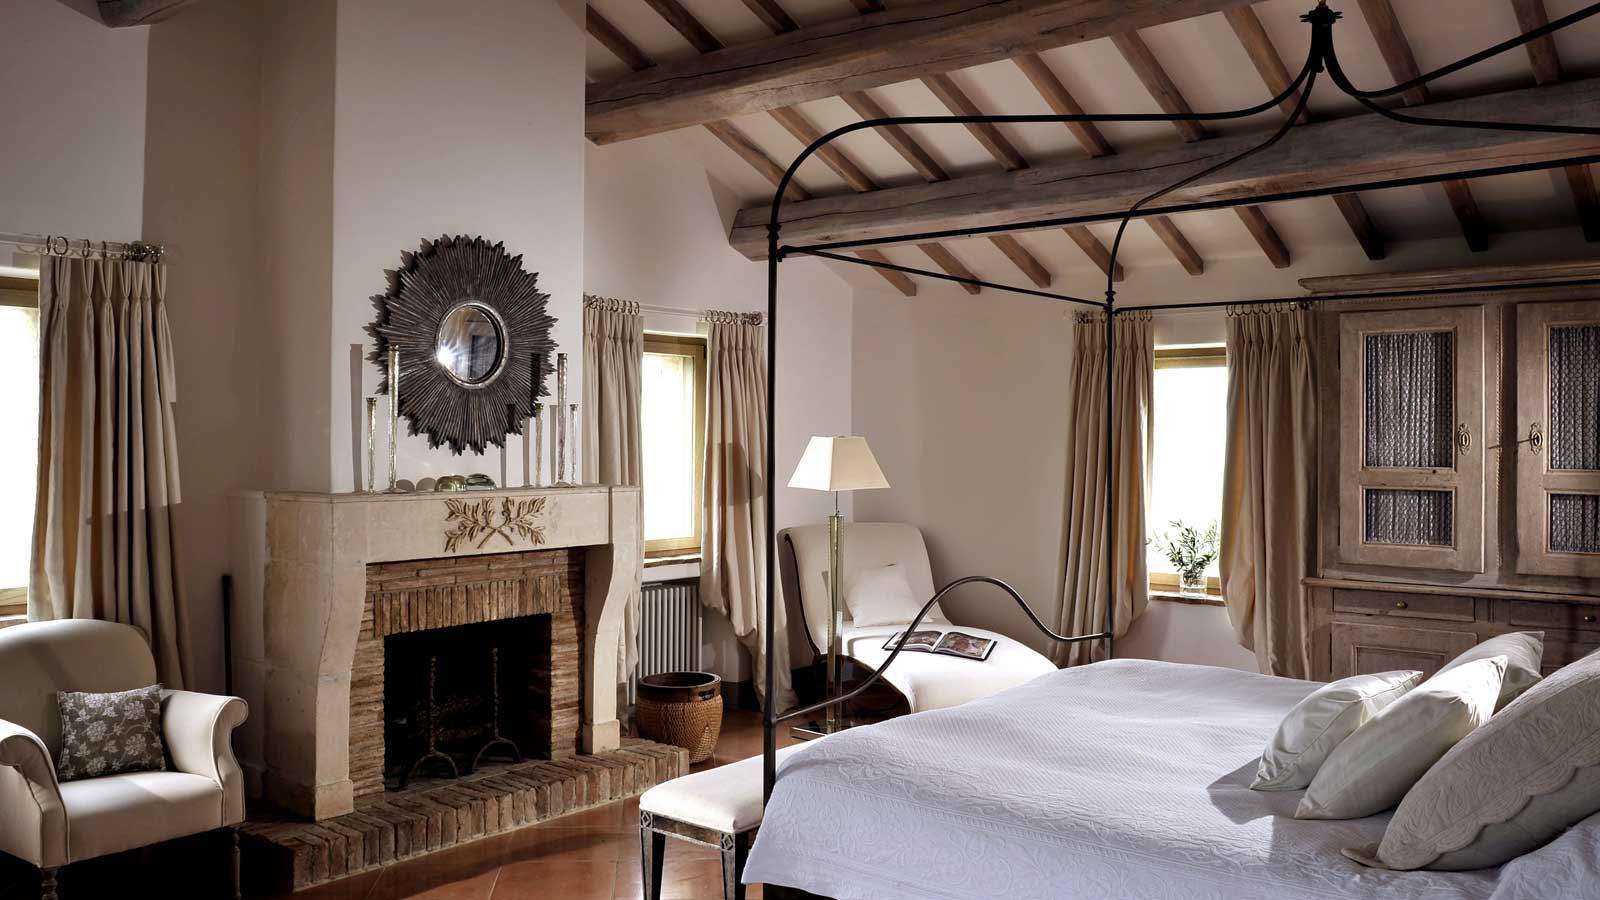 San paolo castello di reschio 3 idesignarch interior for Design hotel umbrien